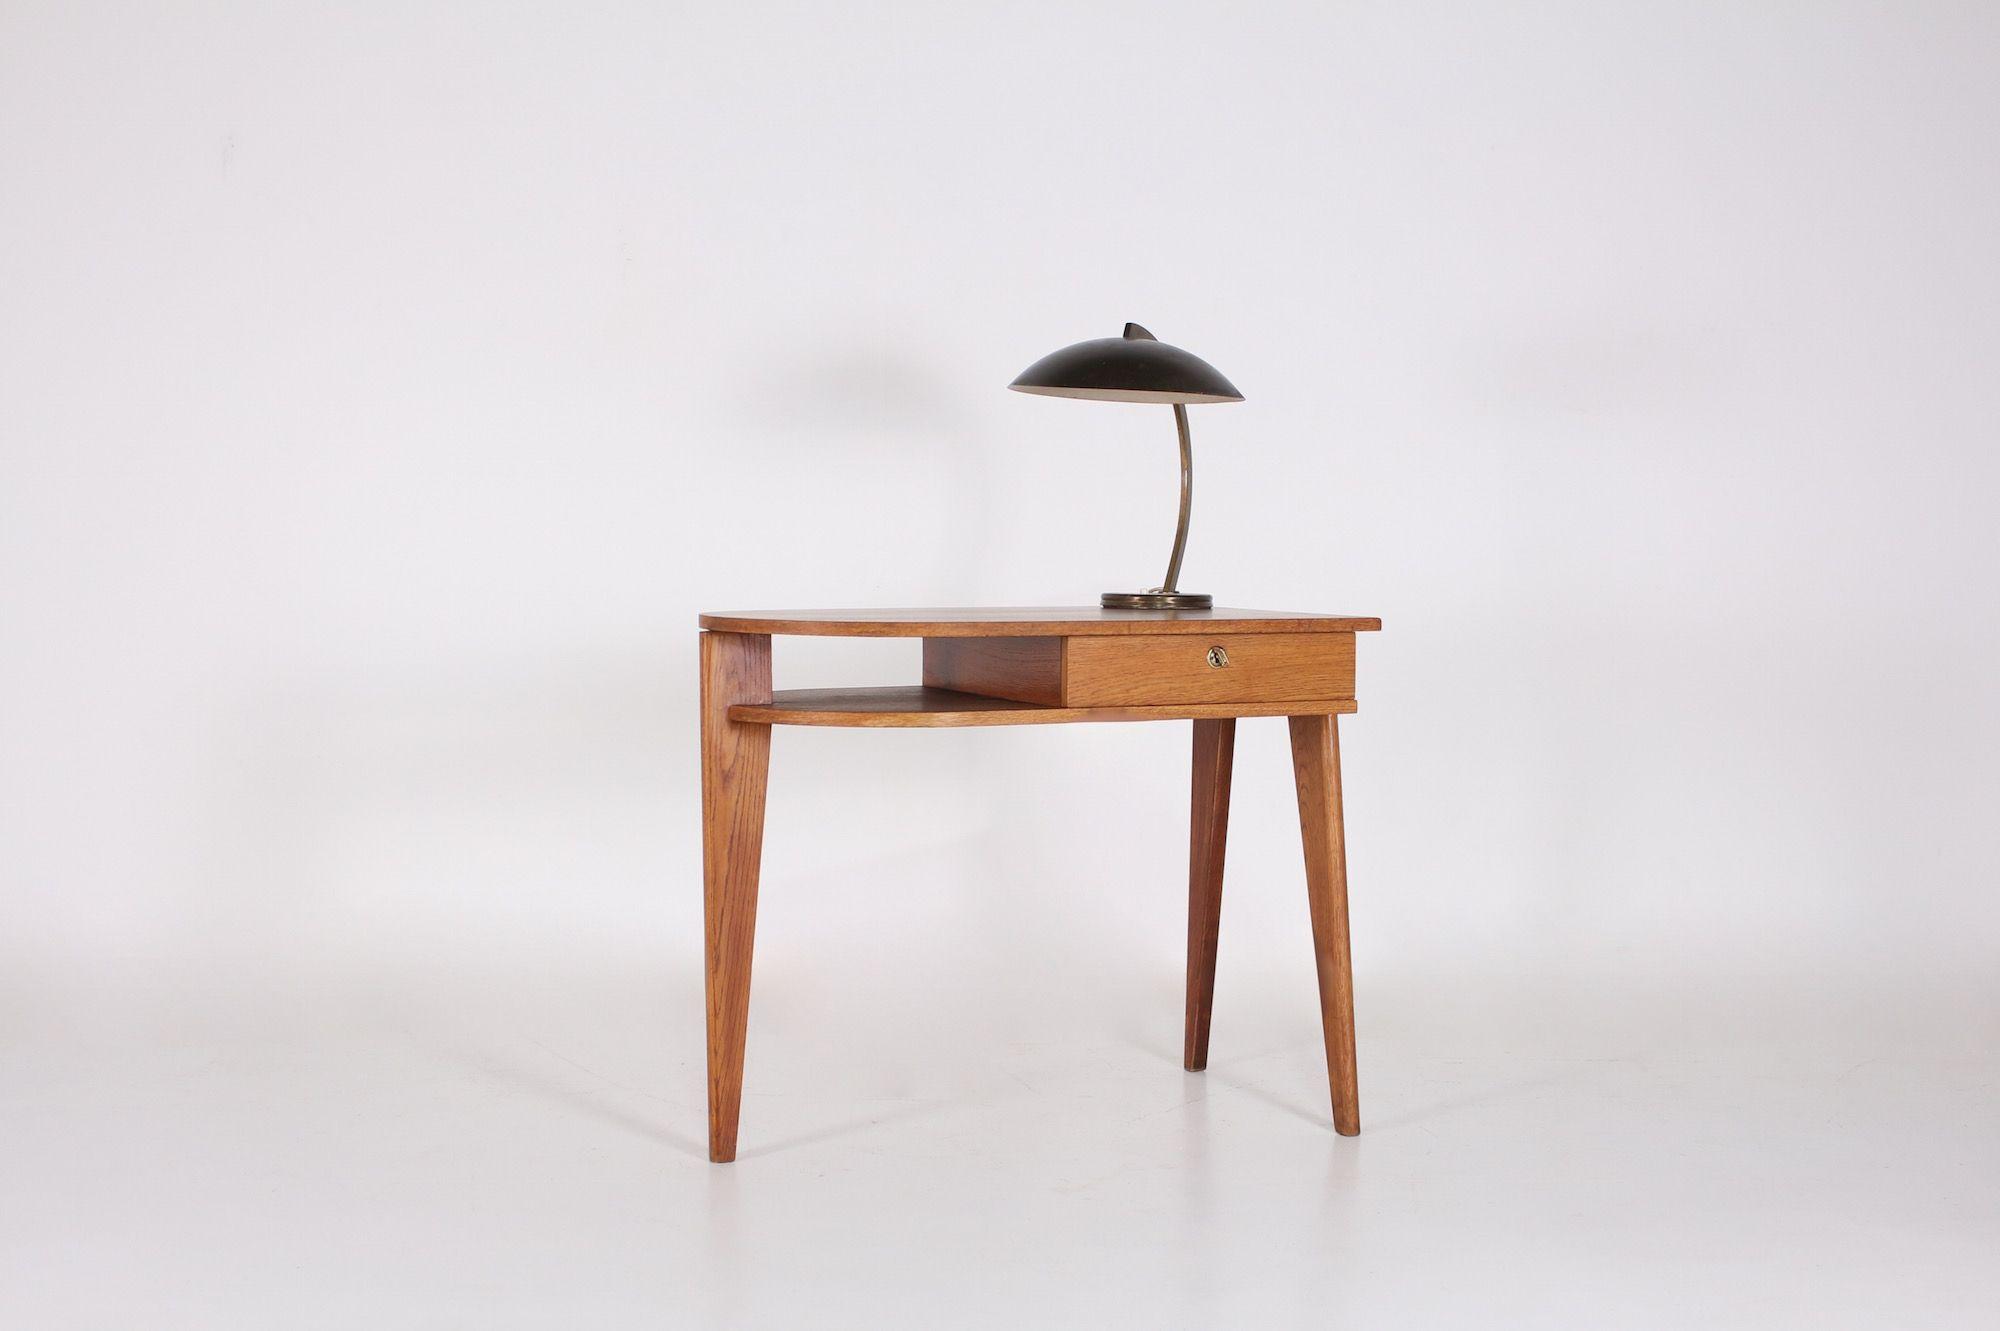 Jacques Adnet Bureau Tripode Moderniste Meubles Vintage Liege Meubels